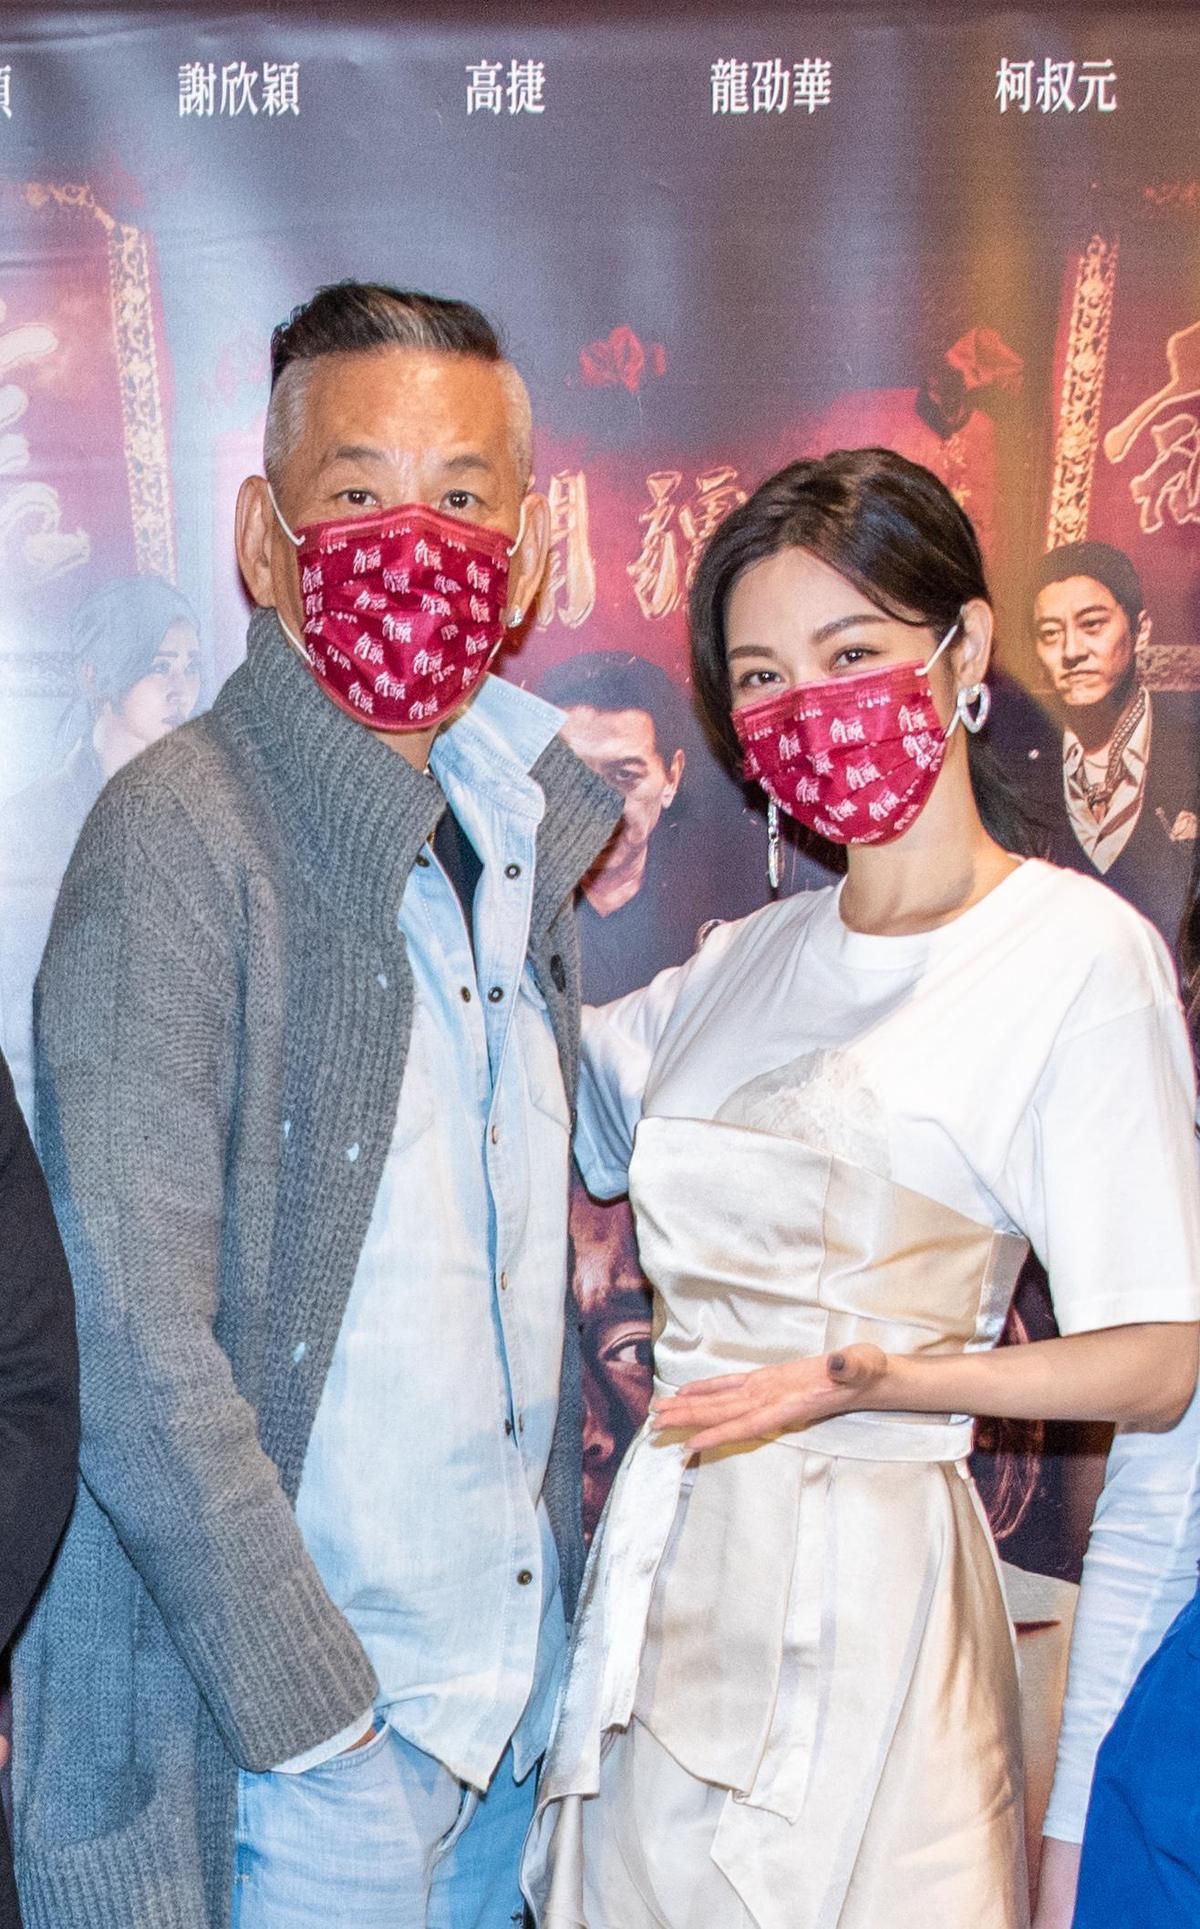 《角頭—浪流連》(左)龍劭華、曾菀婷今天在高雄的粉絲見面會。(齊石傳播提供)